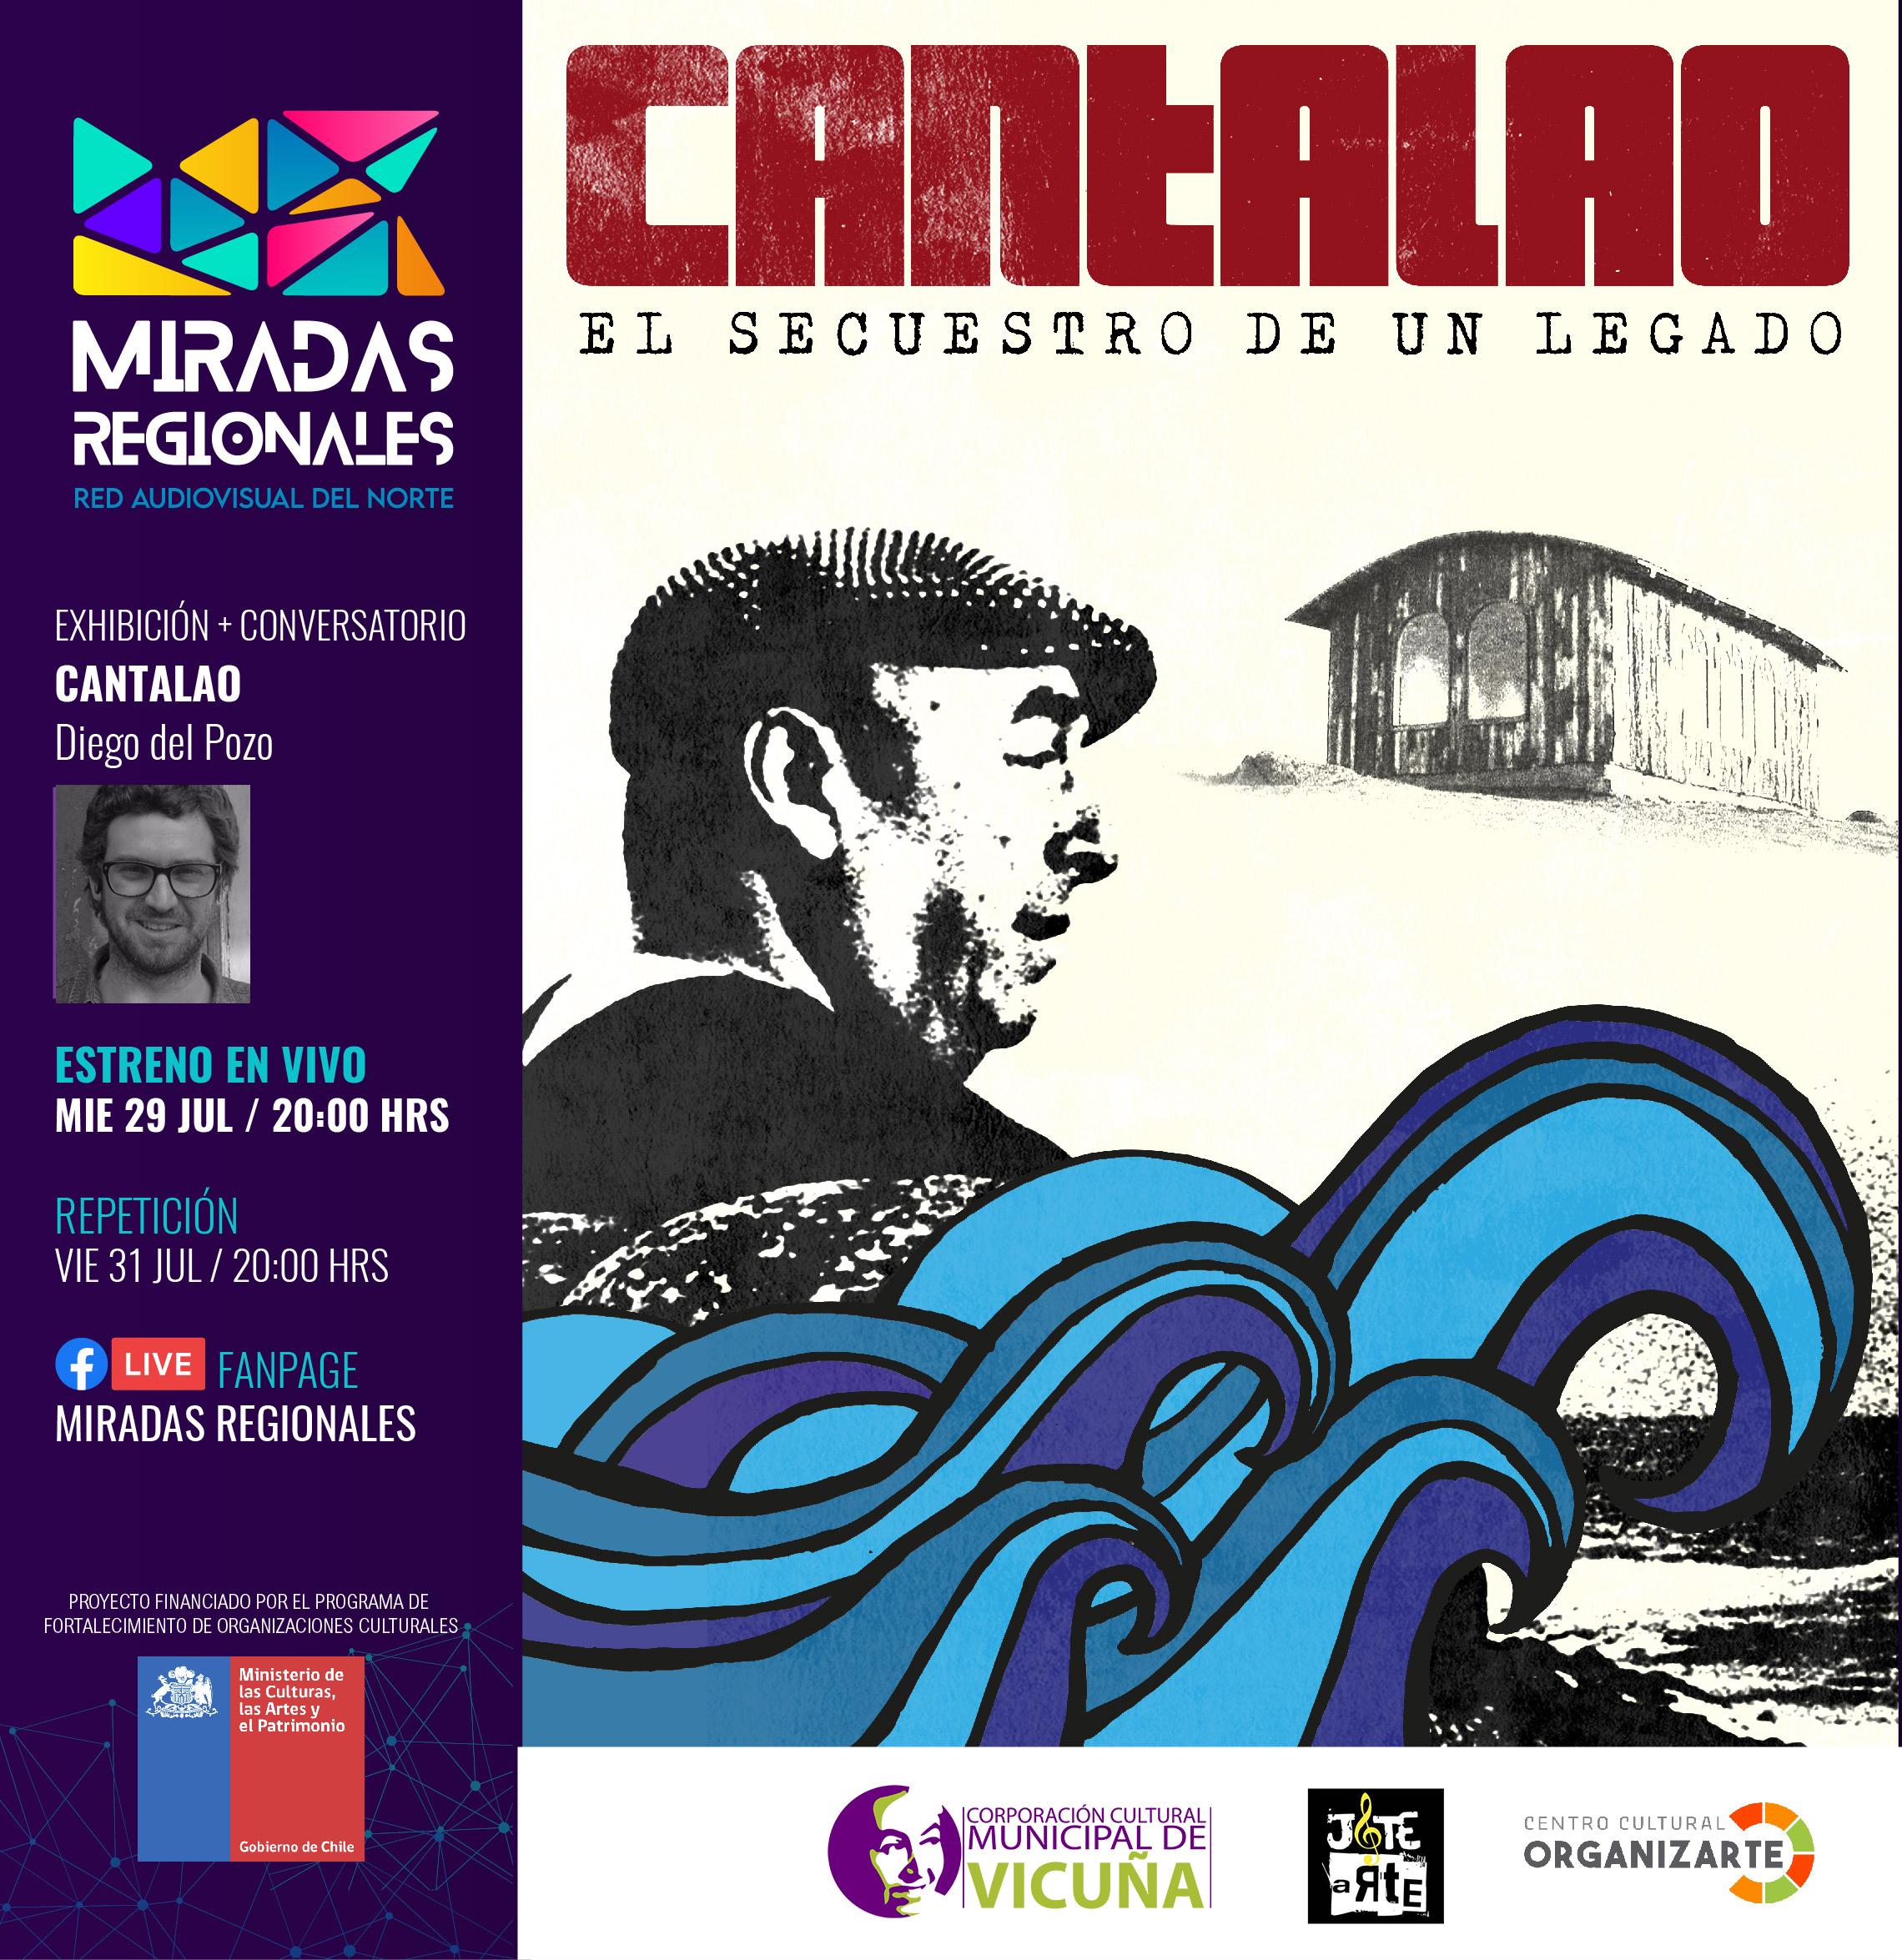 """CICLO DE CINE ONLINE MIRADAS REGIONALES PRESENTA """"CANTALAO"""", COMO ESTRENO ESTE MES DE JULIO"""